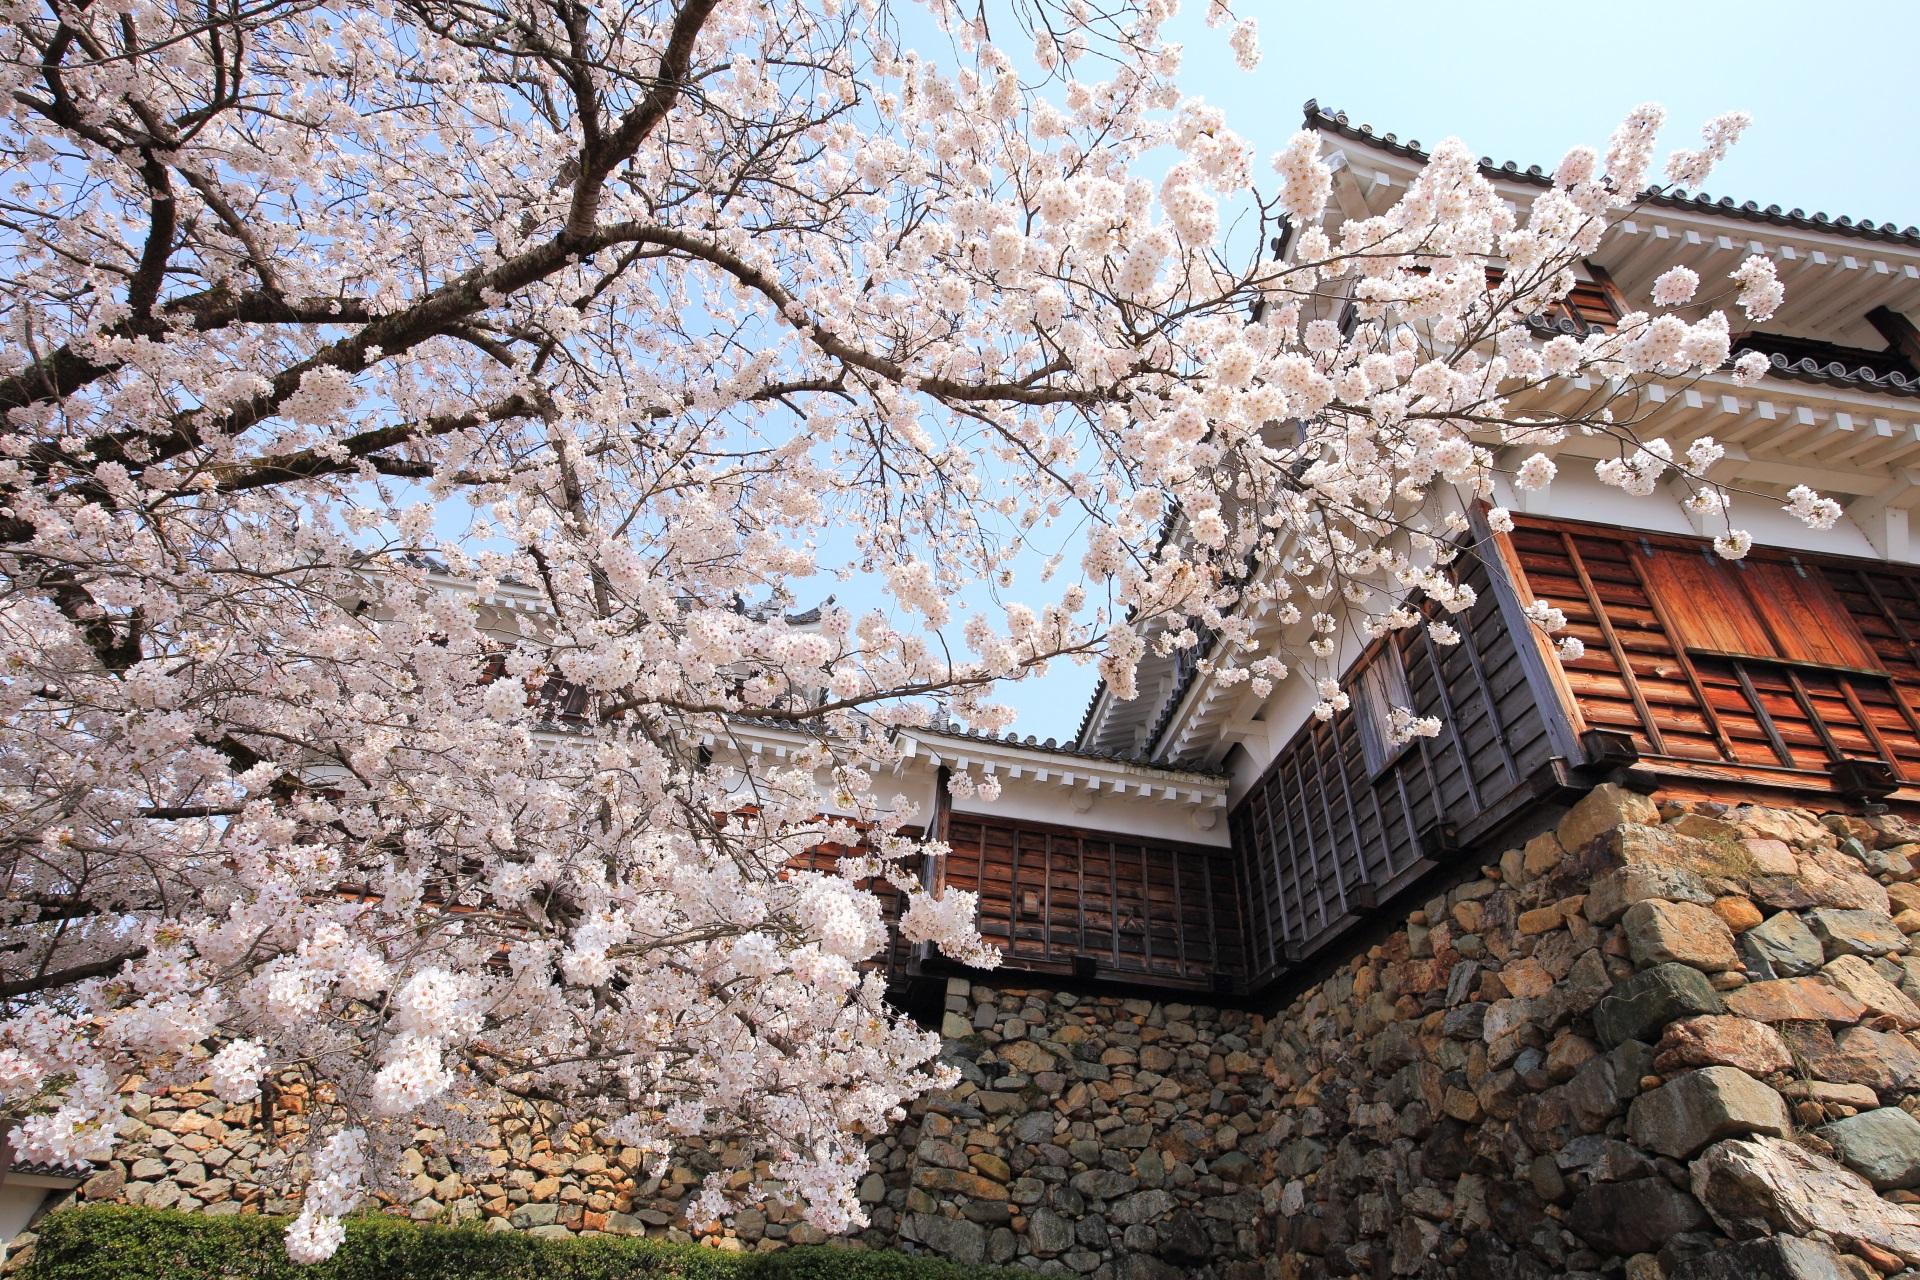 福知山城の天守閣を彩る圧倒的な桜